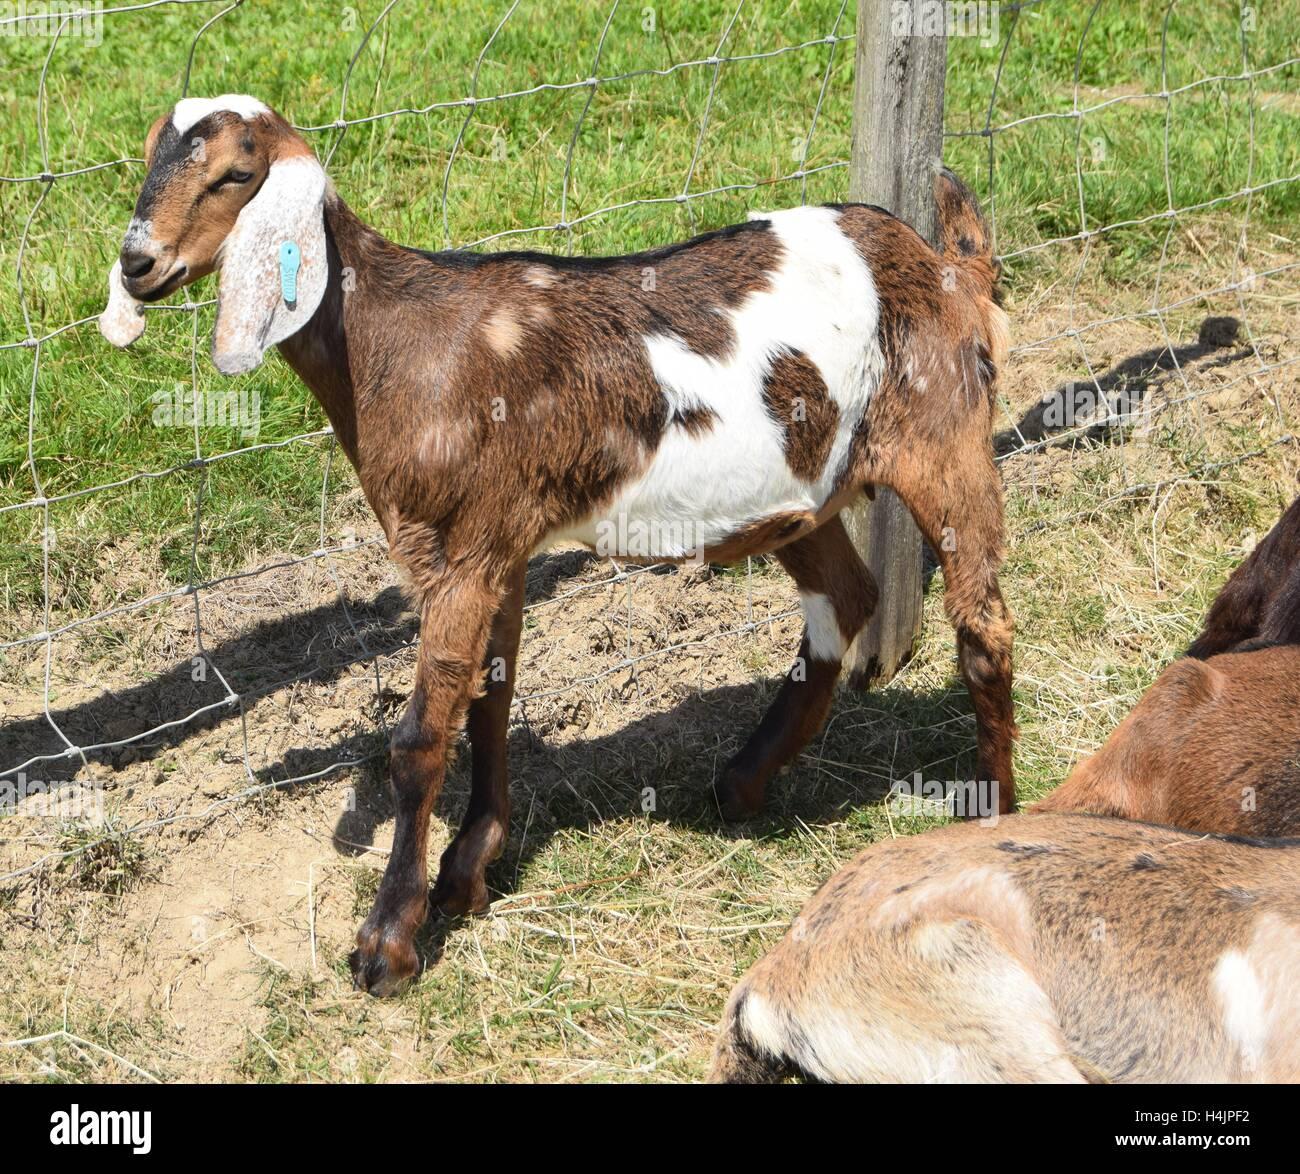 Pedigree Anglo Nubian goat kid enjoying the sunshine. - Stock Image